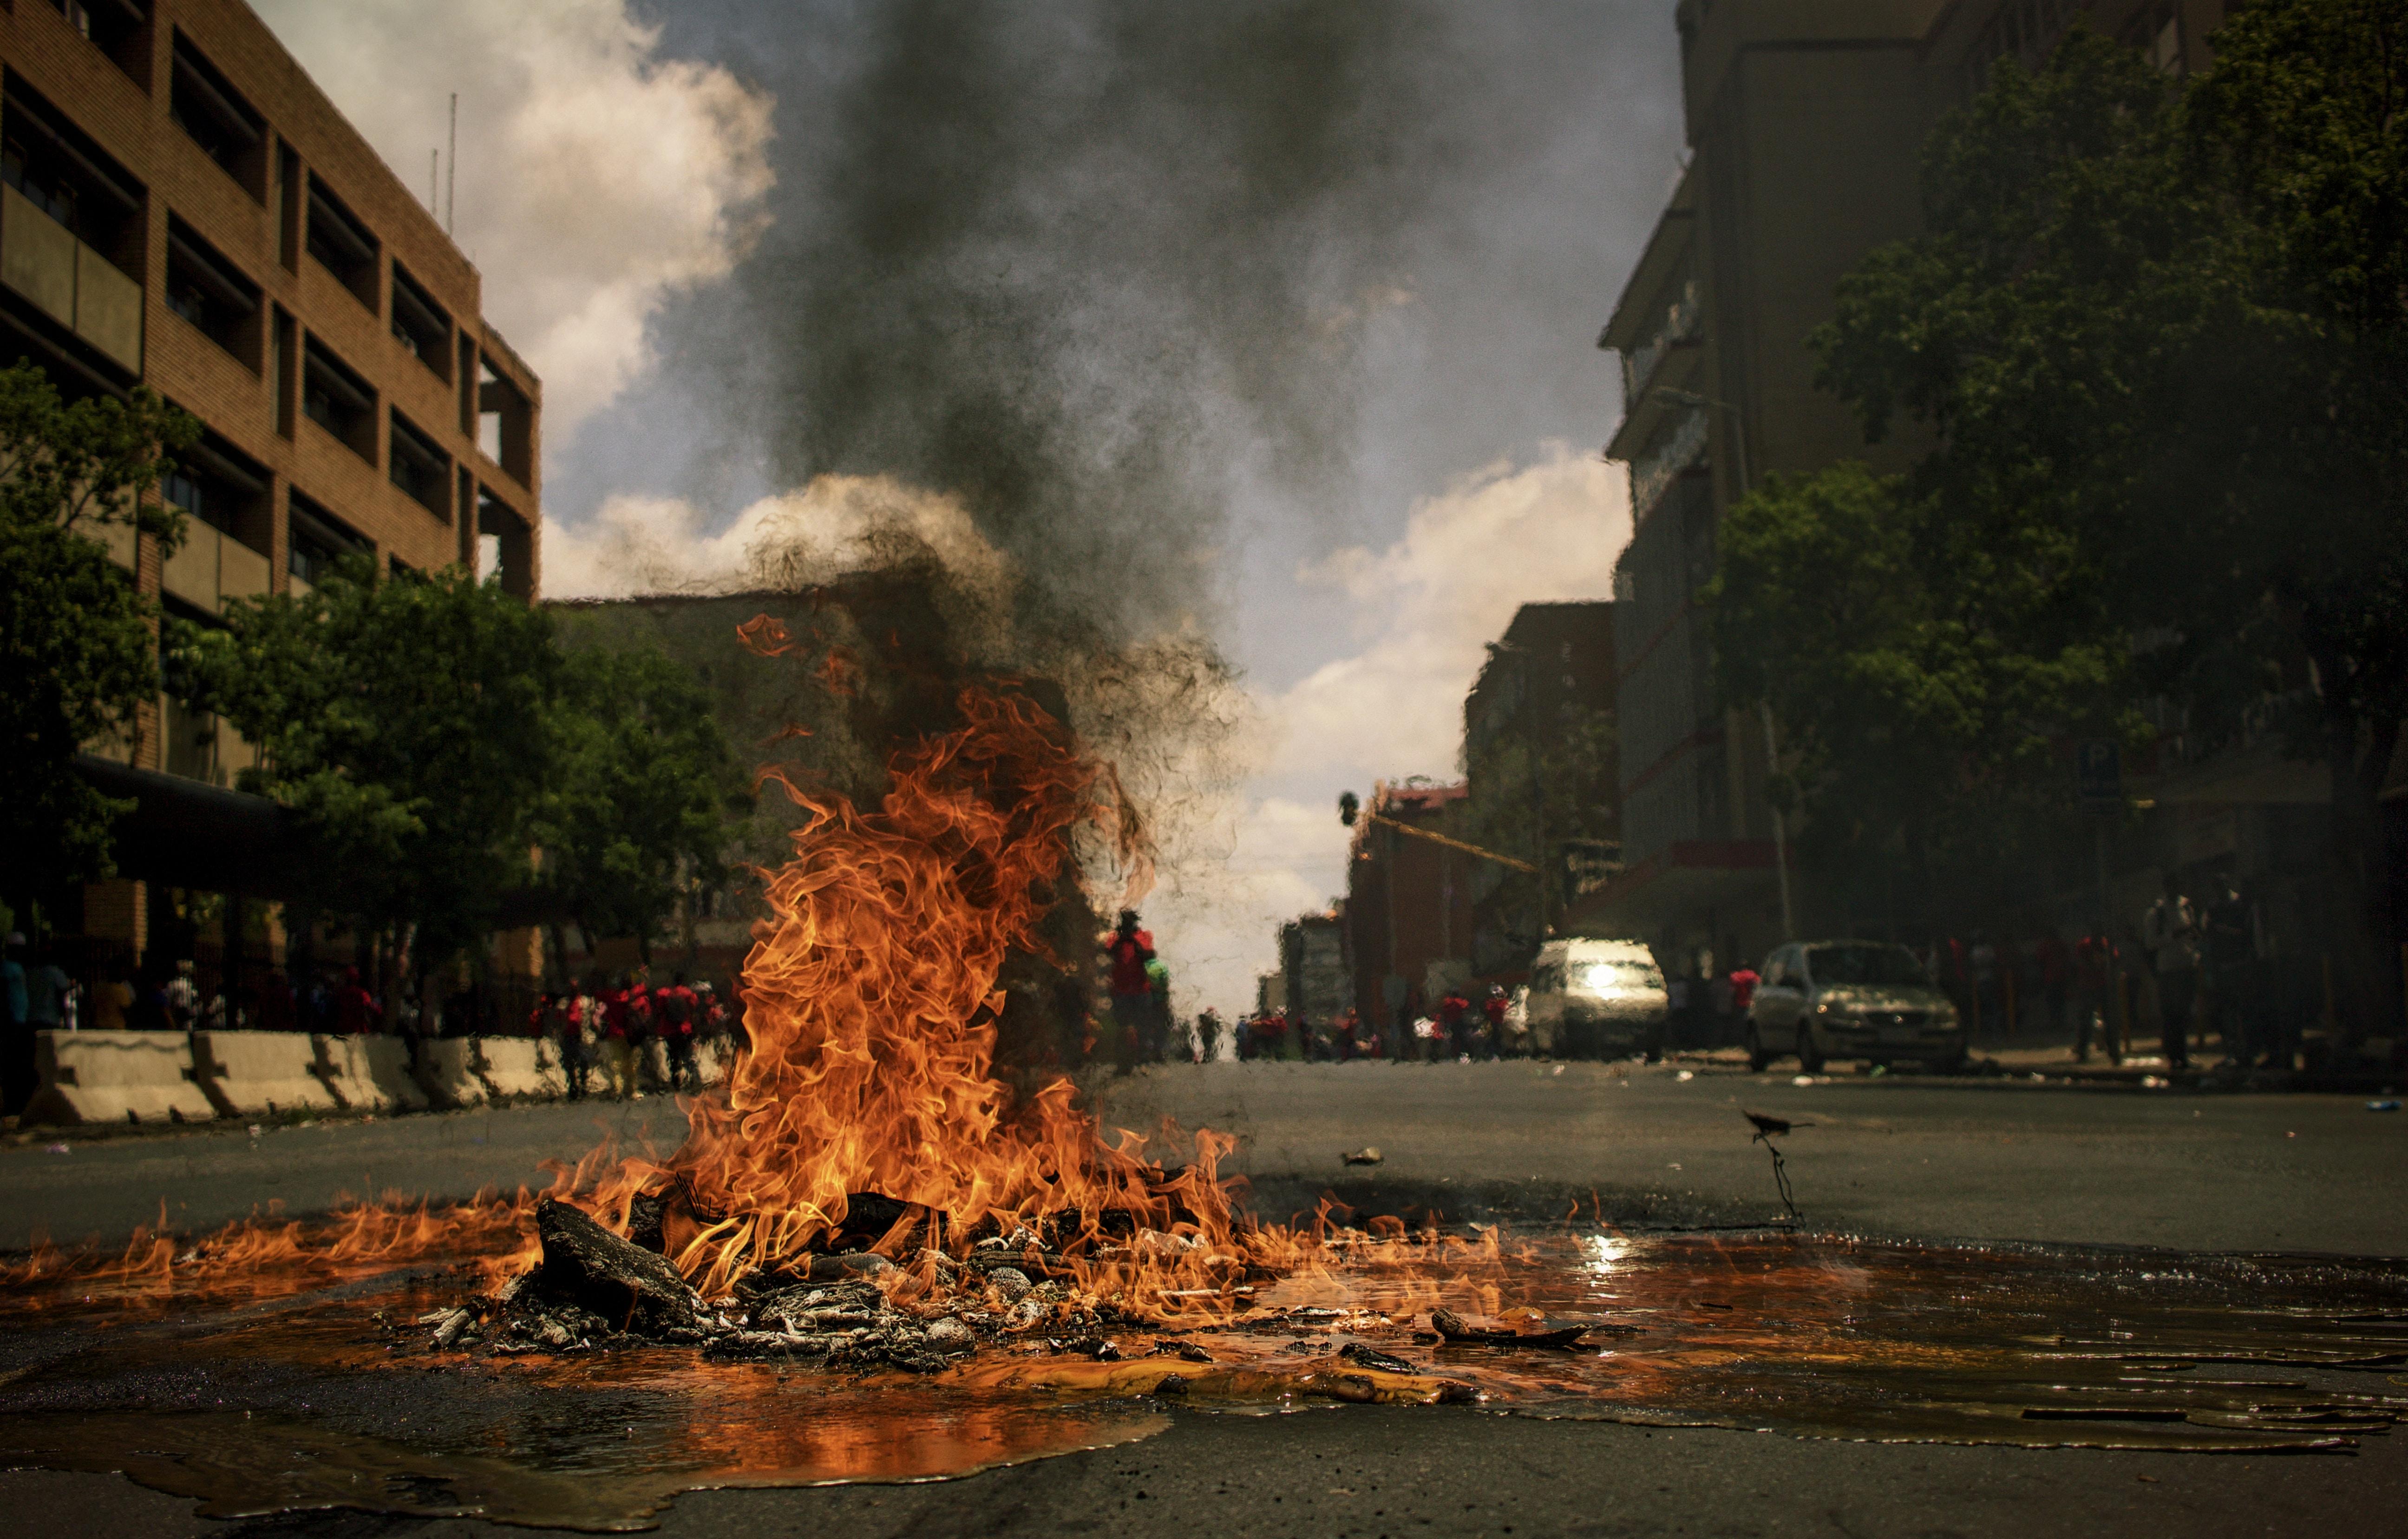 fire, ild, street, road, vej, eksplosion, by